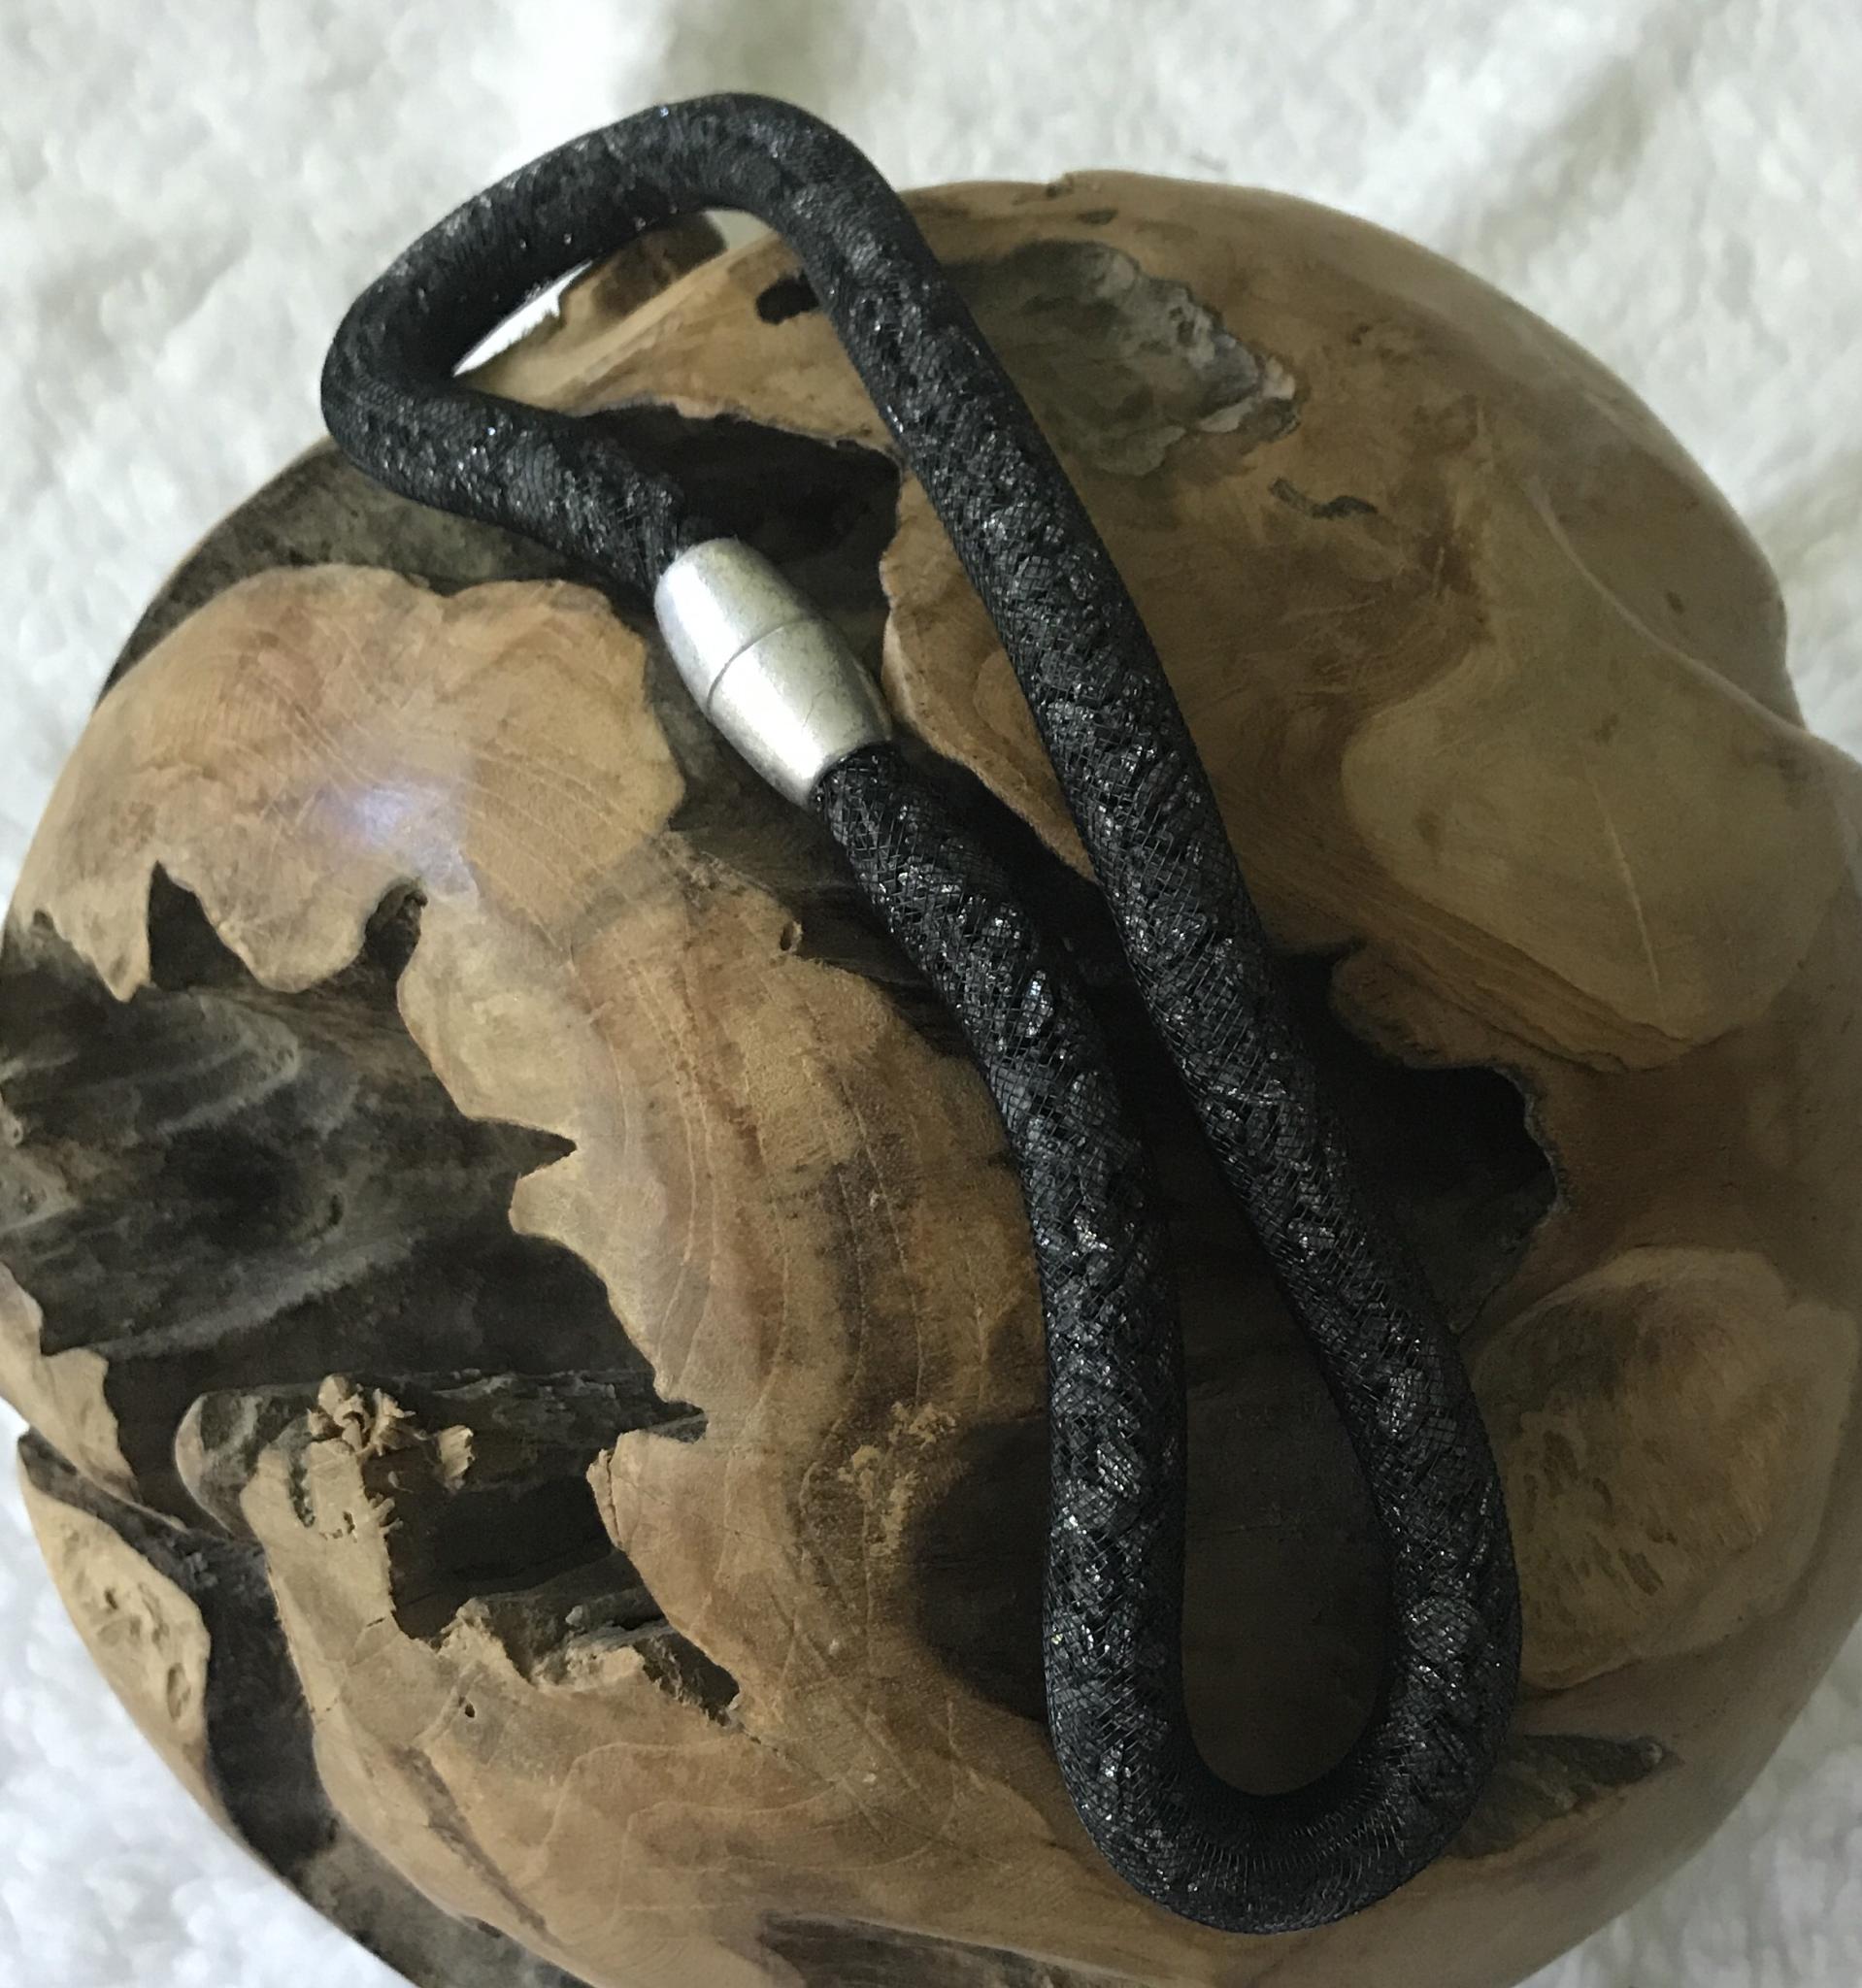 Meshkette mit Schieferbruch glänzend - ca. 61,5 cm lang